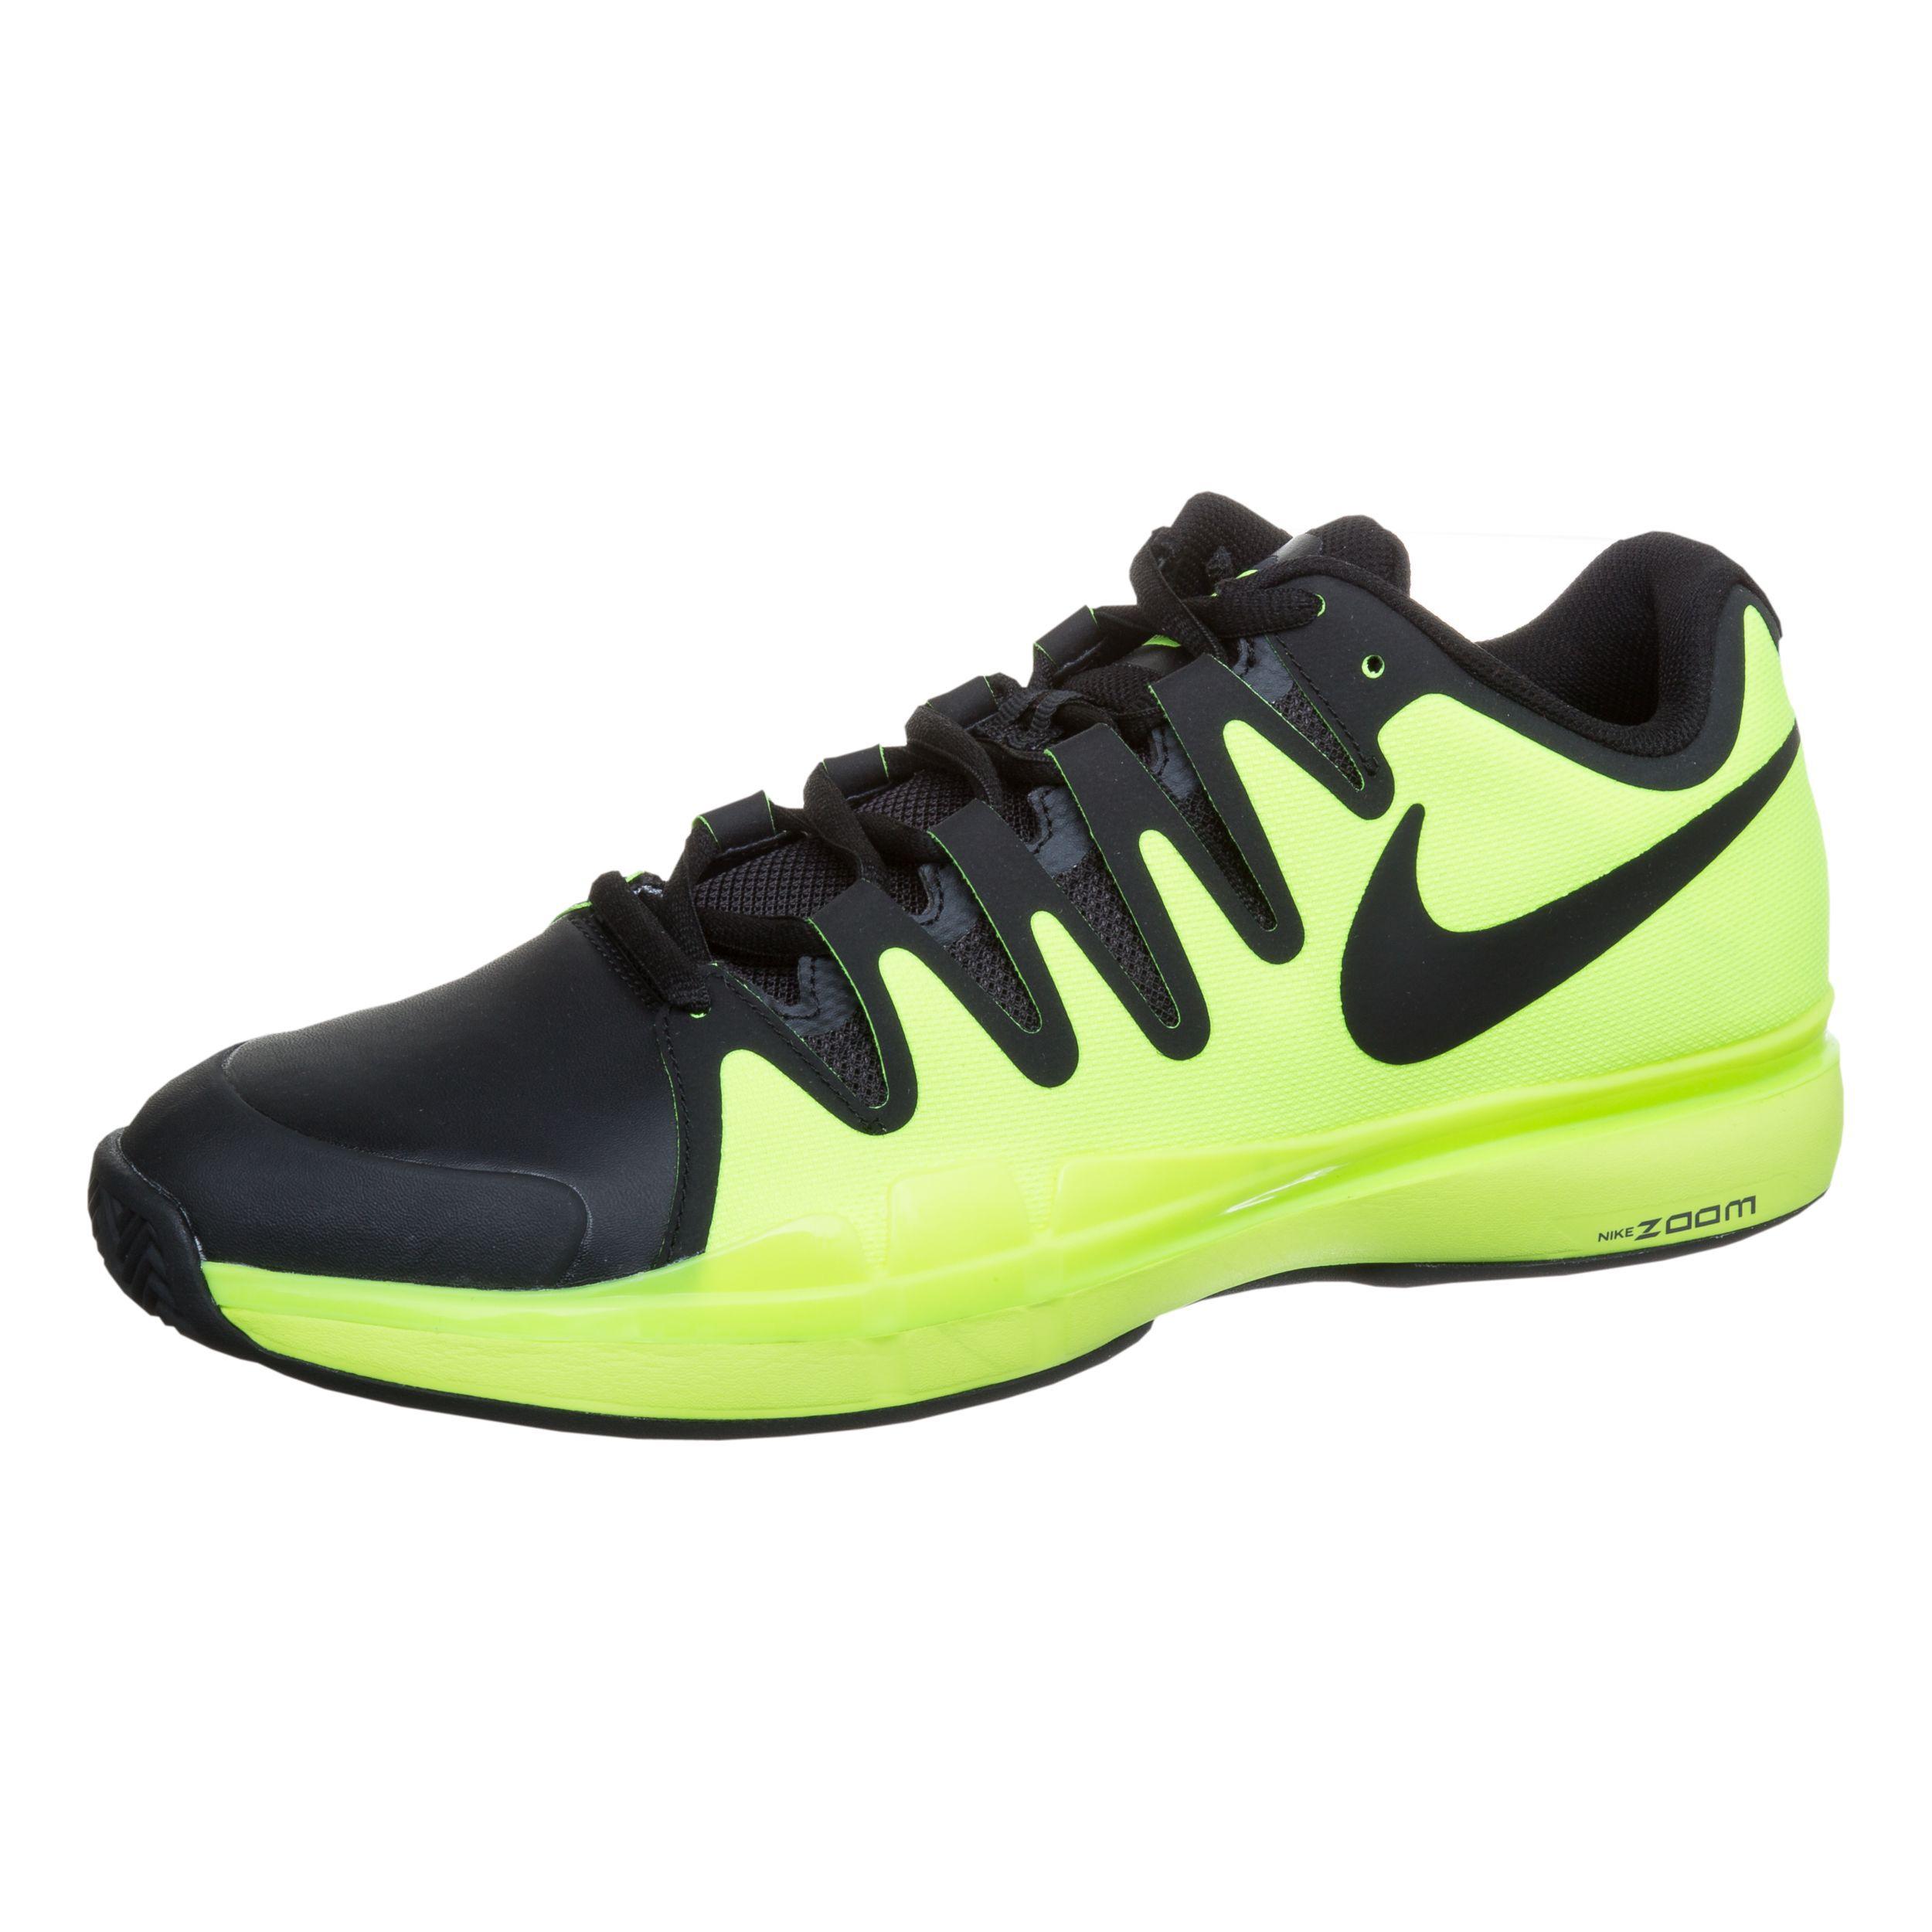 Nike Roger Federer Zoom Vapor 9.5 Tour Clay Zapatilla Tierra